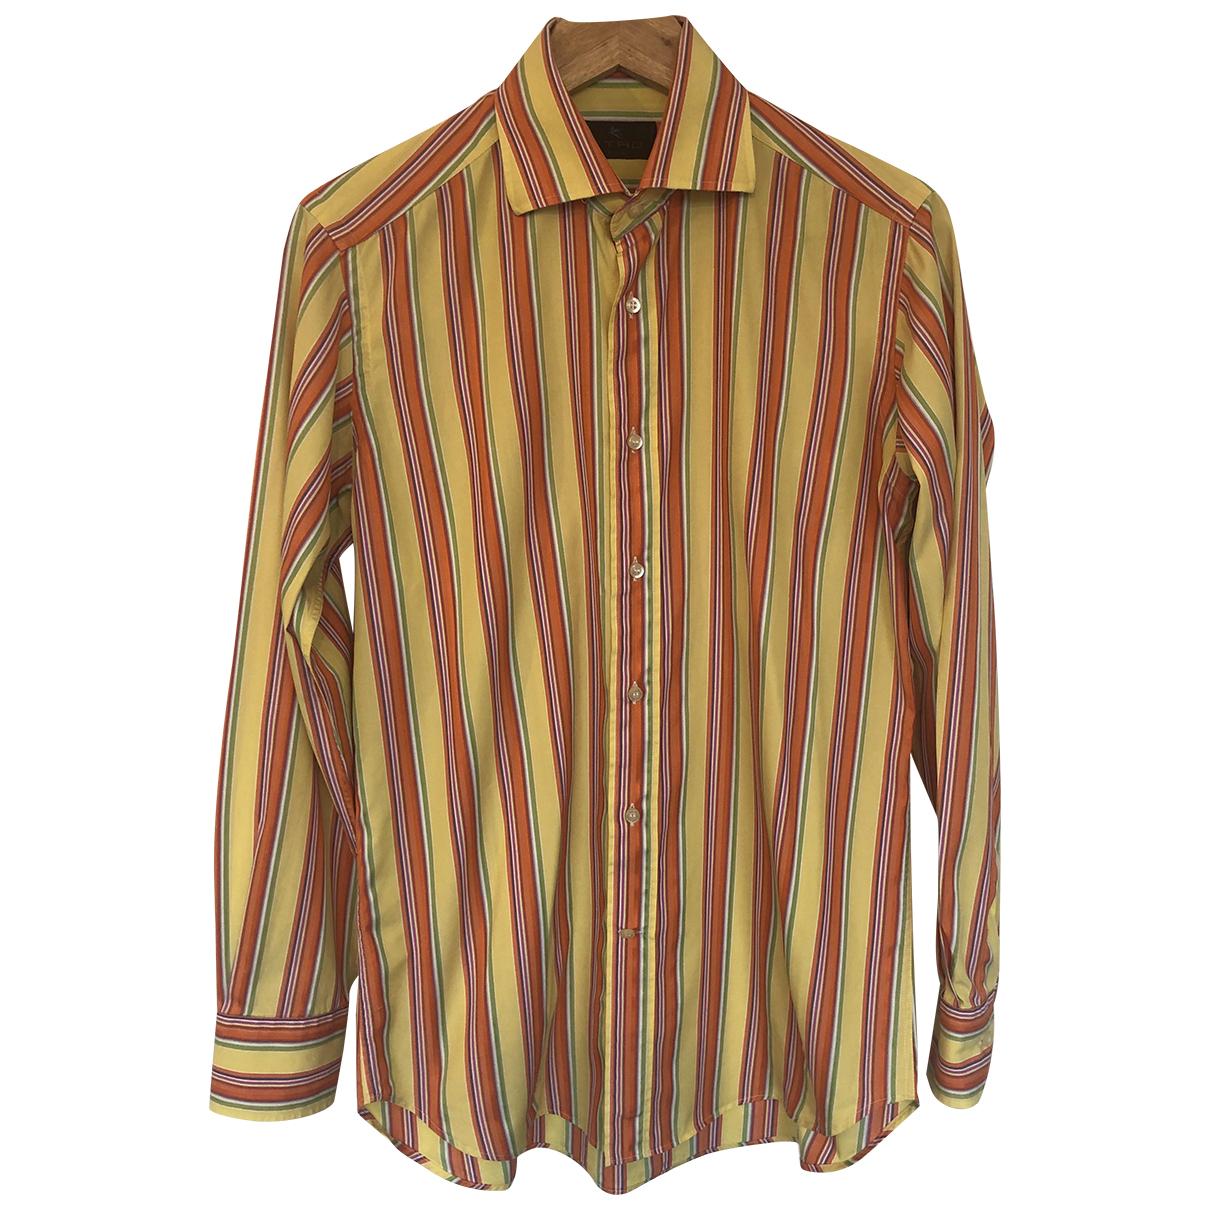 Etro N Multicolour Cotton Shirts for Men 38 EU (tour de cou / collar)